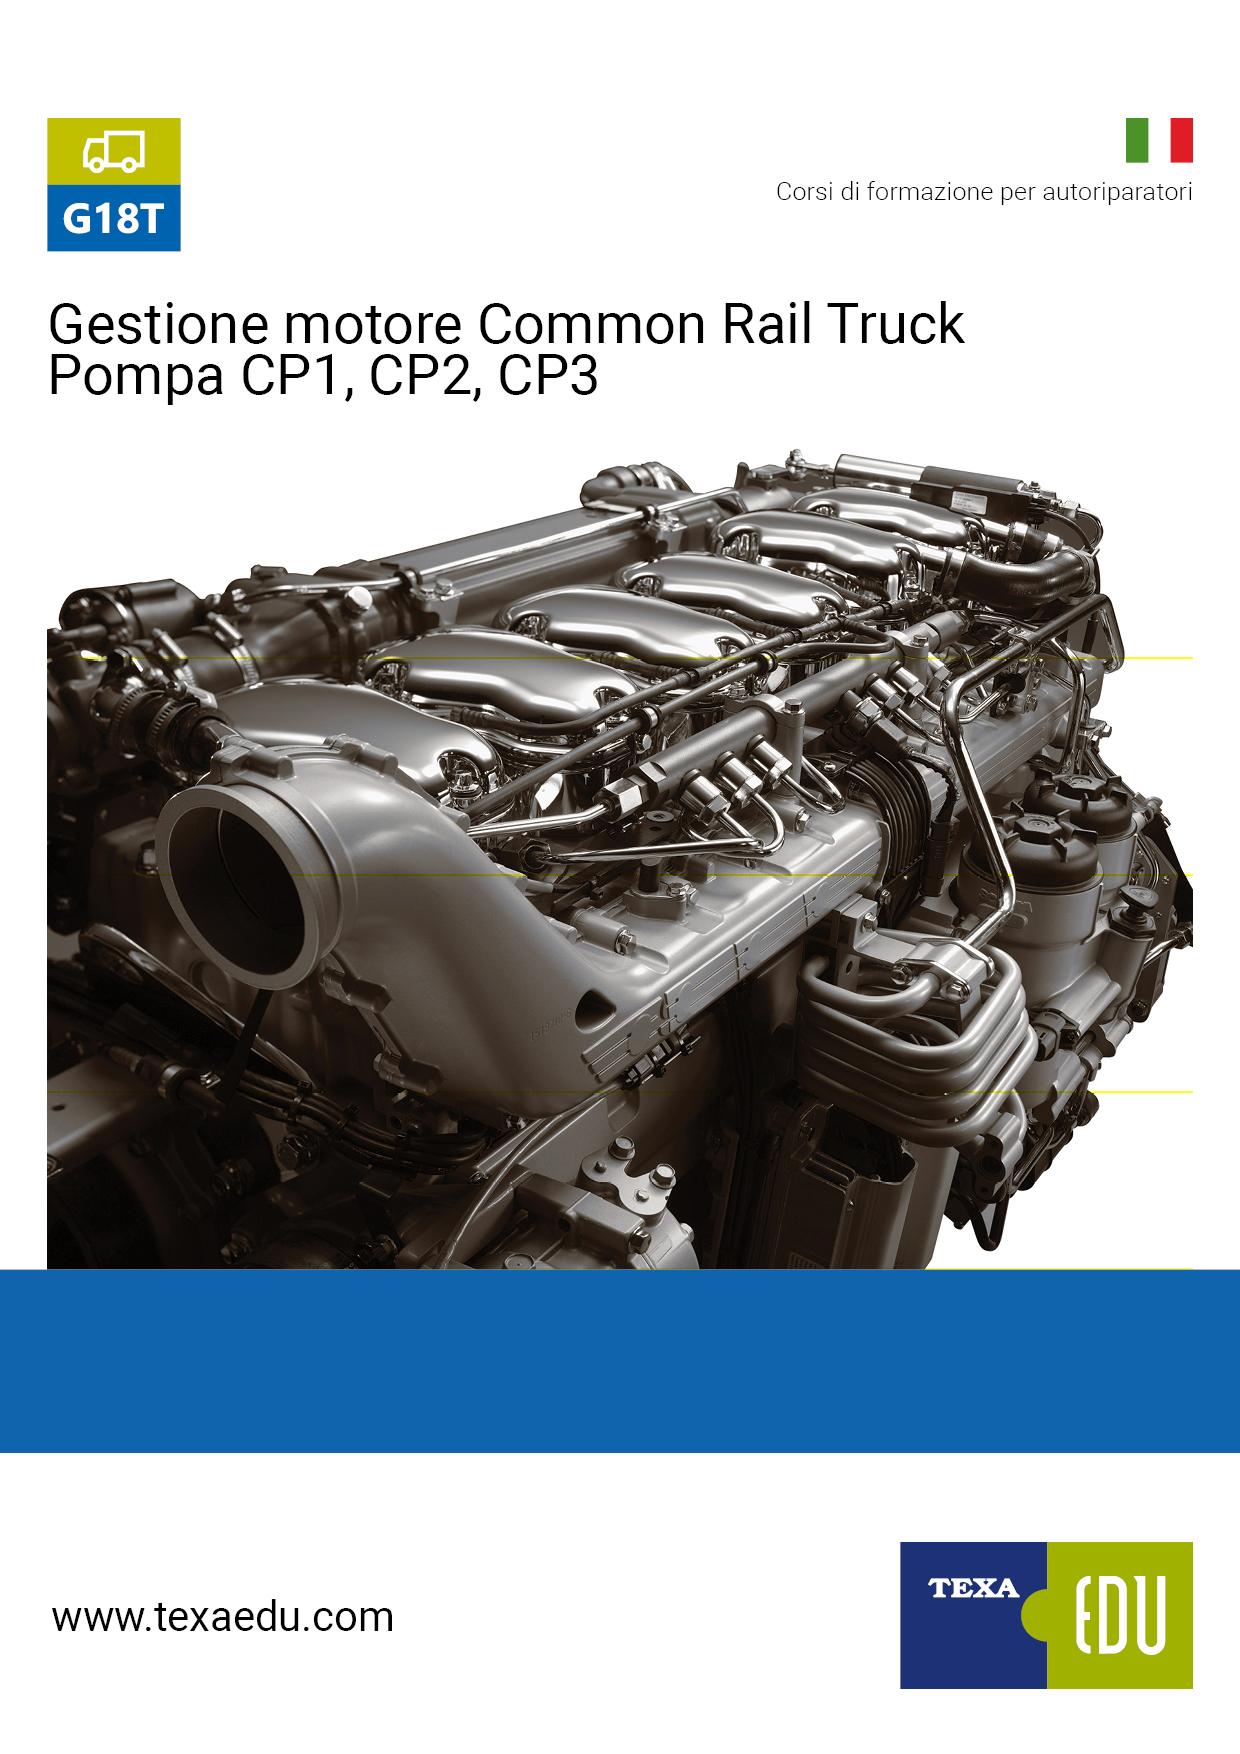 G18T: DIAGNOSI DEI SISTEMI DI GESTIONE MOTORE COMMON RAIL TRUCK